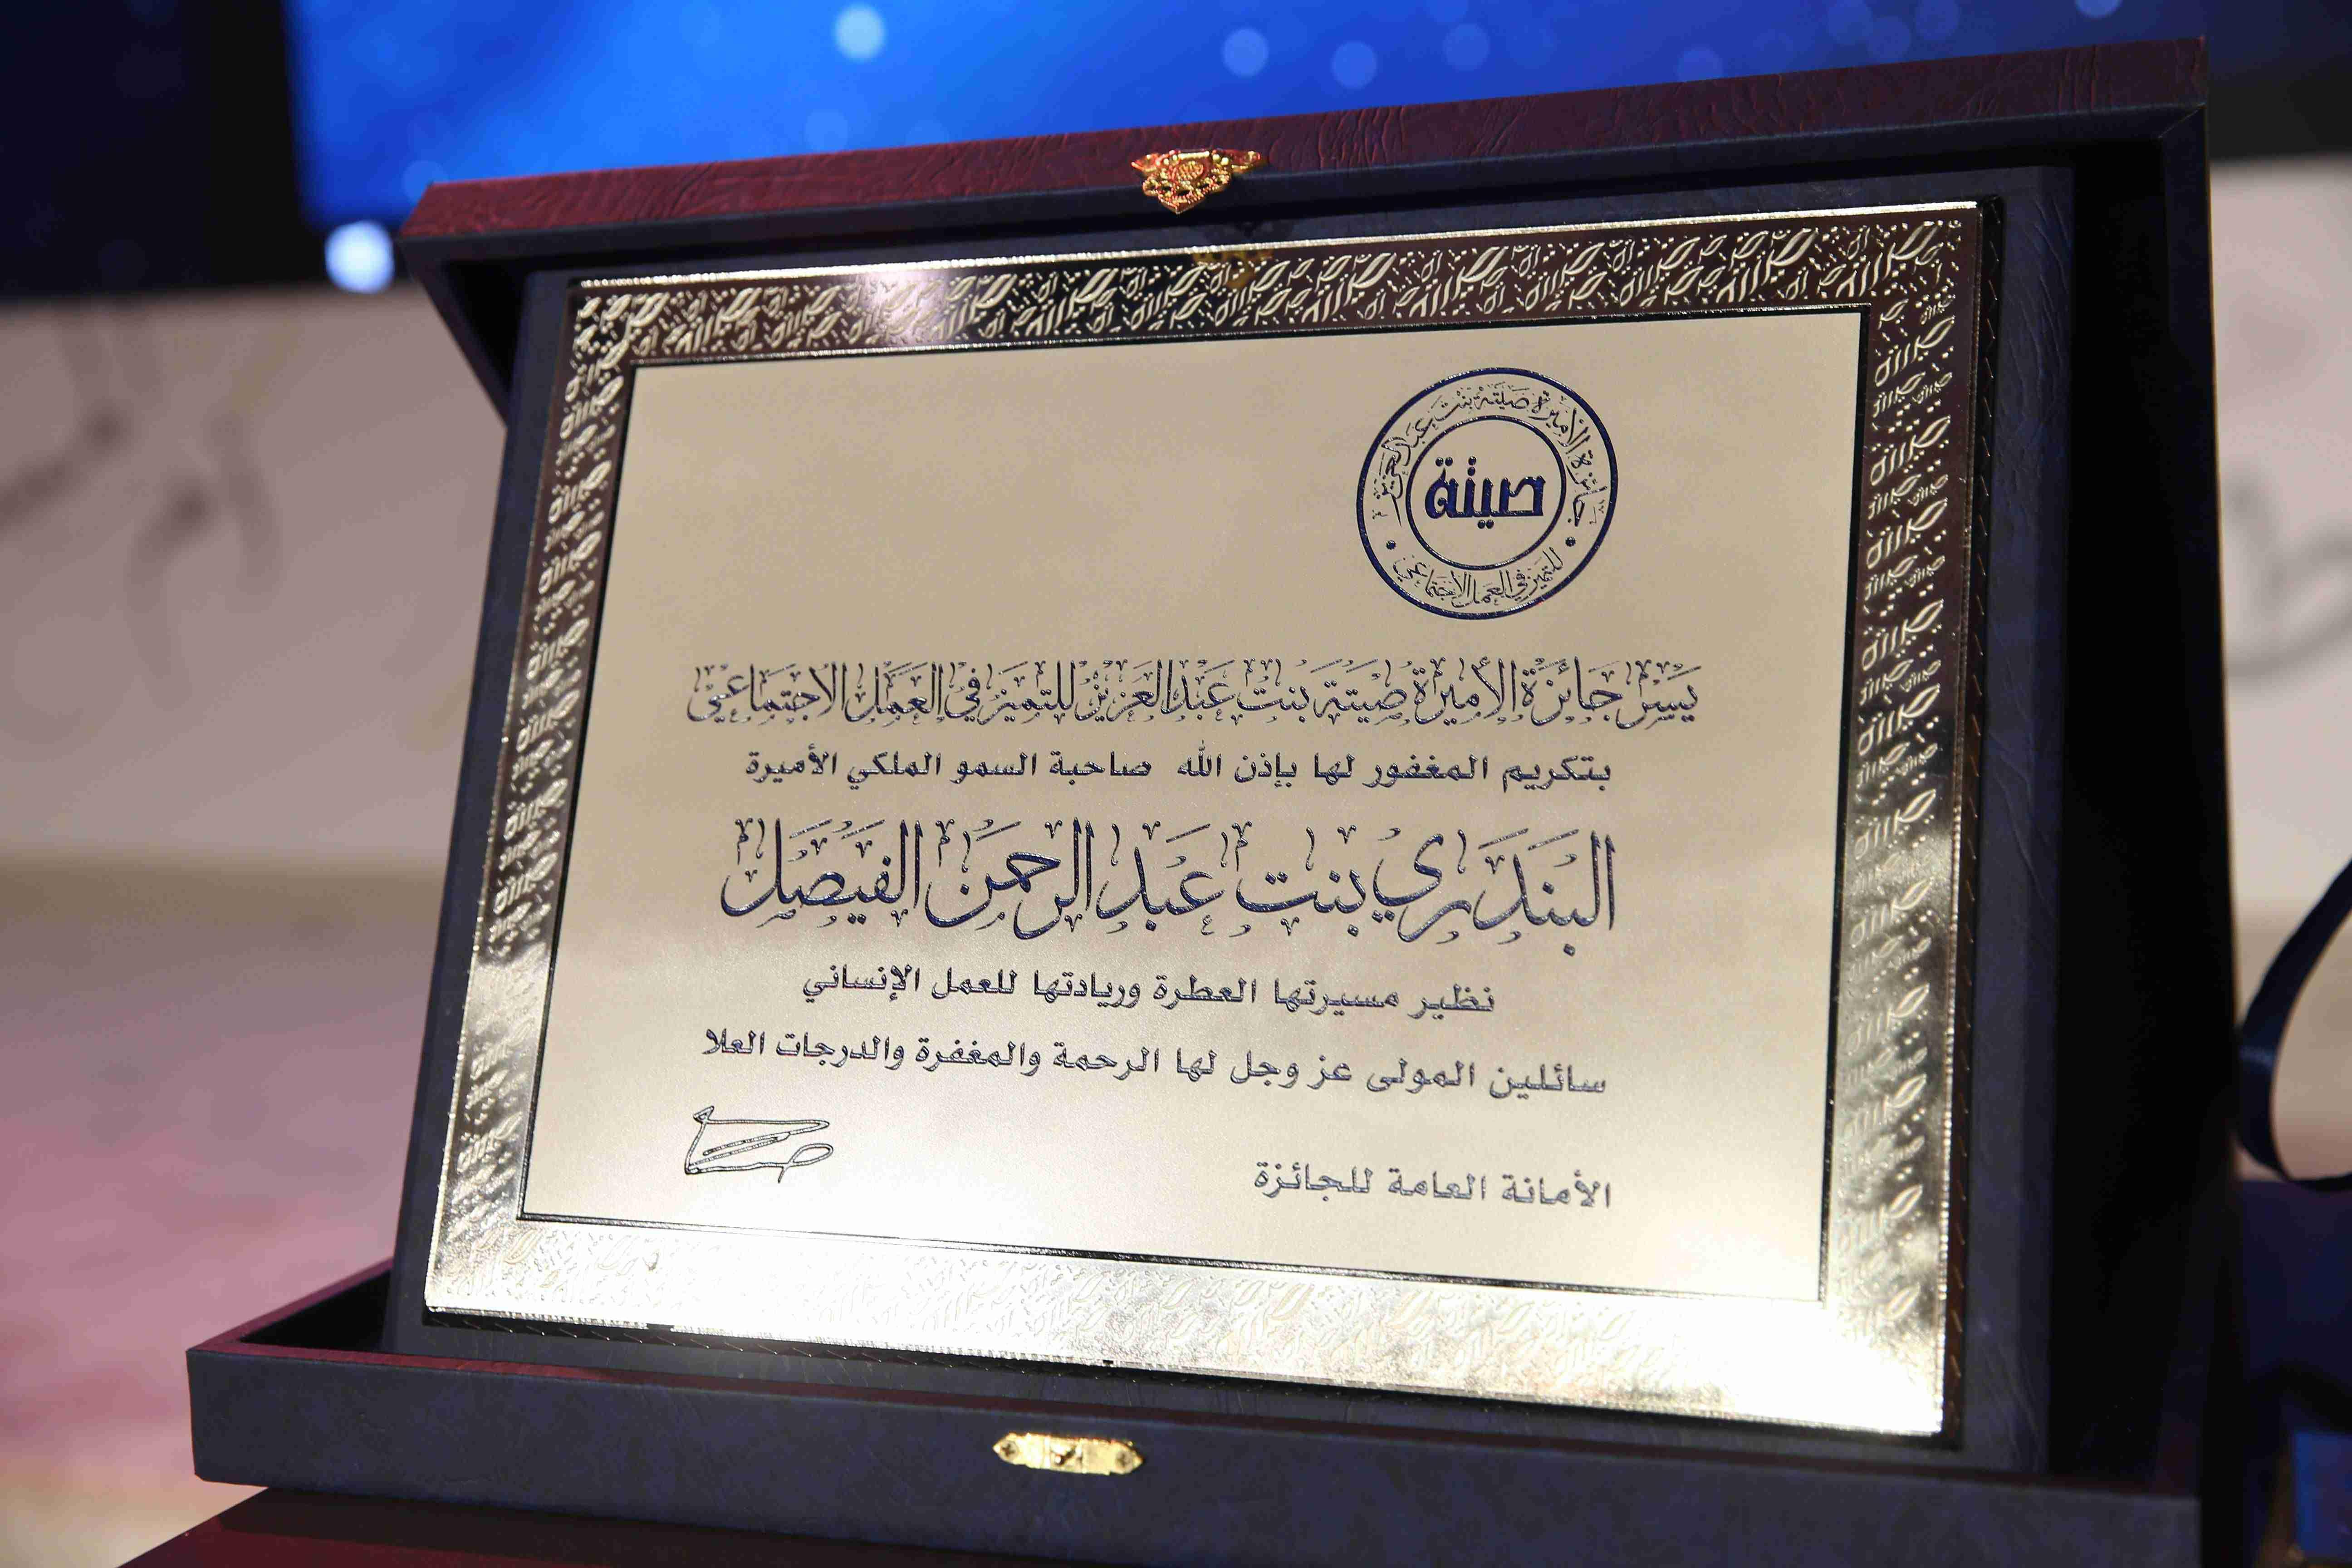 صاحبة السمو الملكي الأميرة/ البندري بنت عبدالرحمن الفيصل